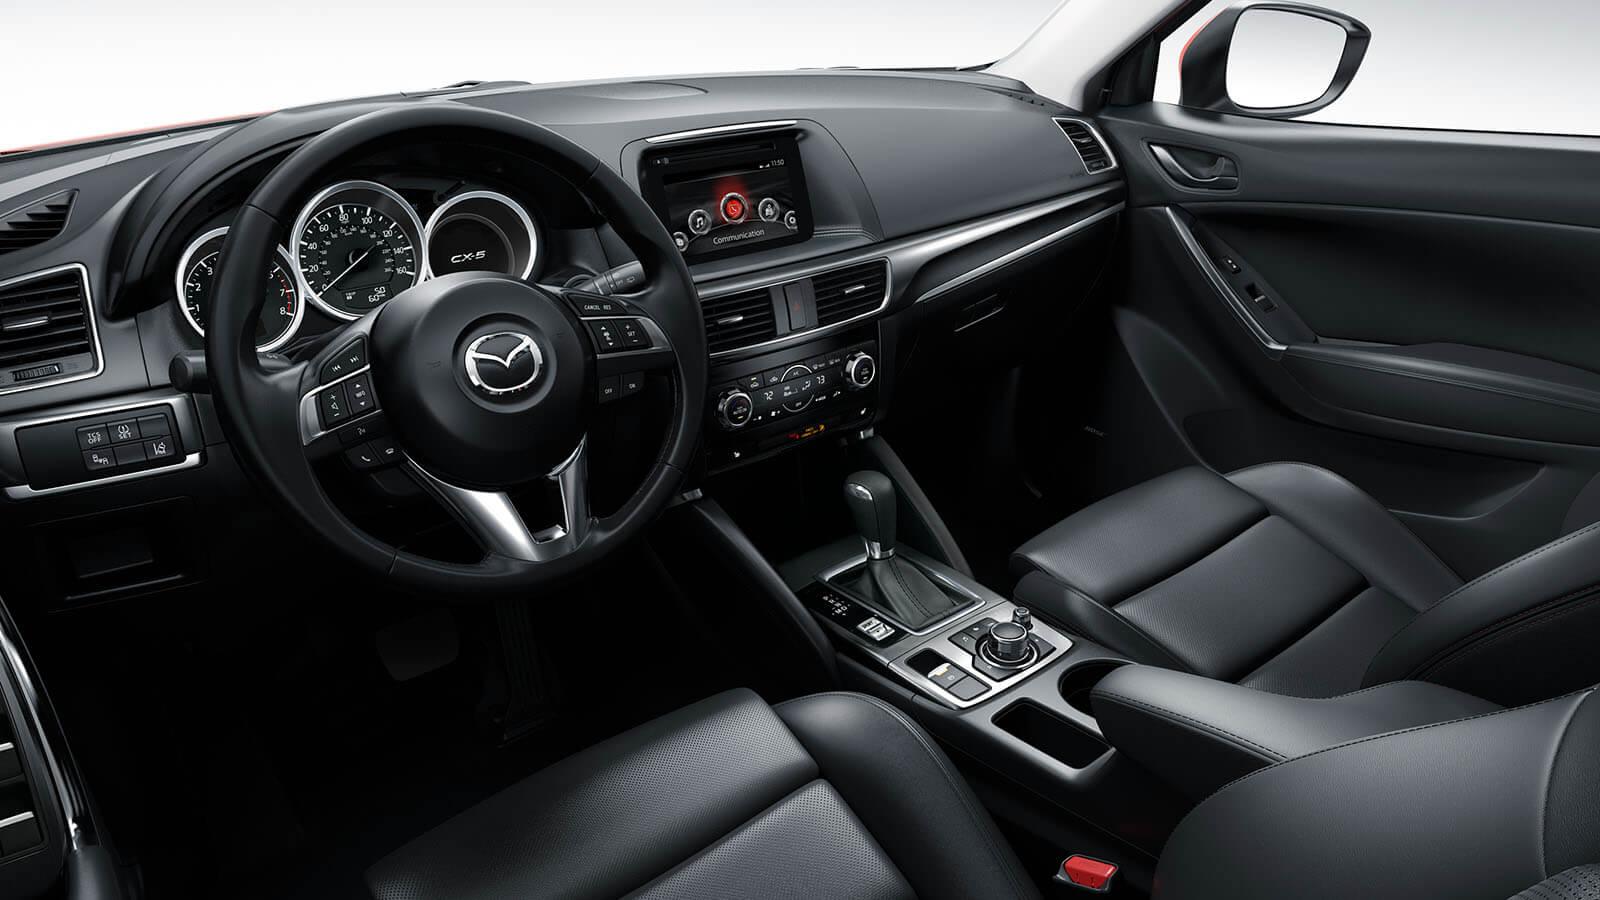 Mazda Cx 5 2015 Interior >> 2016 Mazda CX-5 For Sale at West Coast Mazda, Pitt Meadows, BC